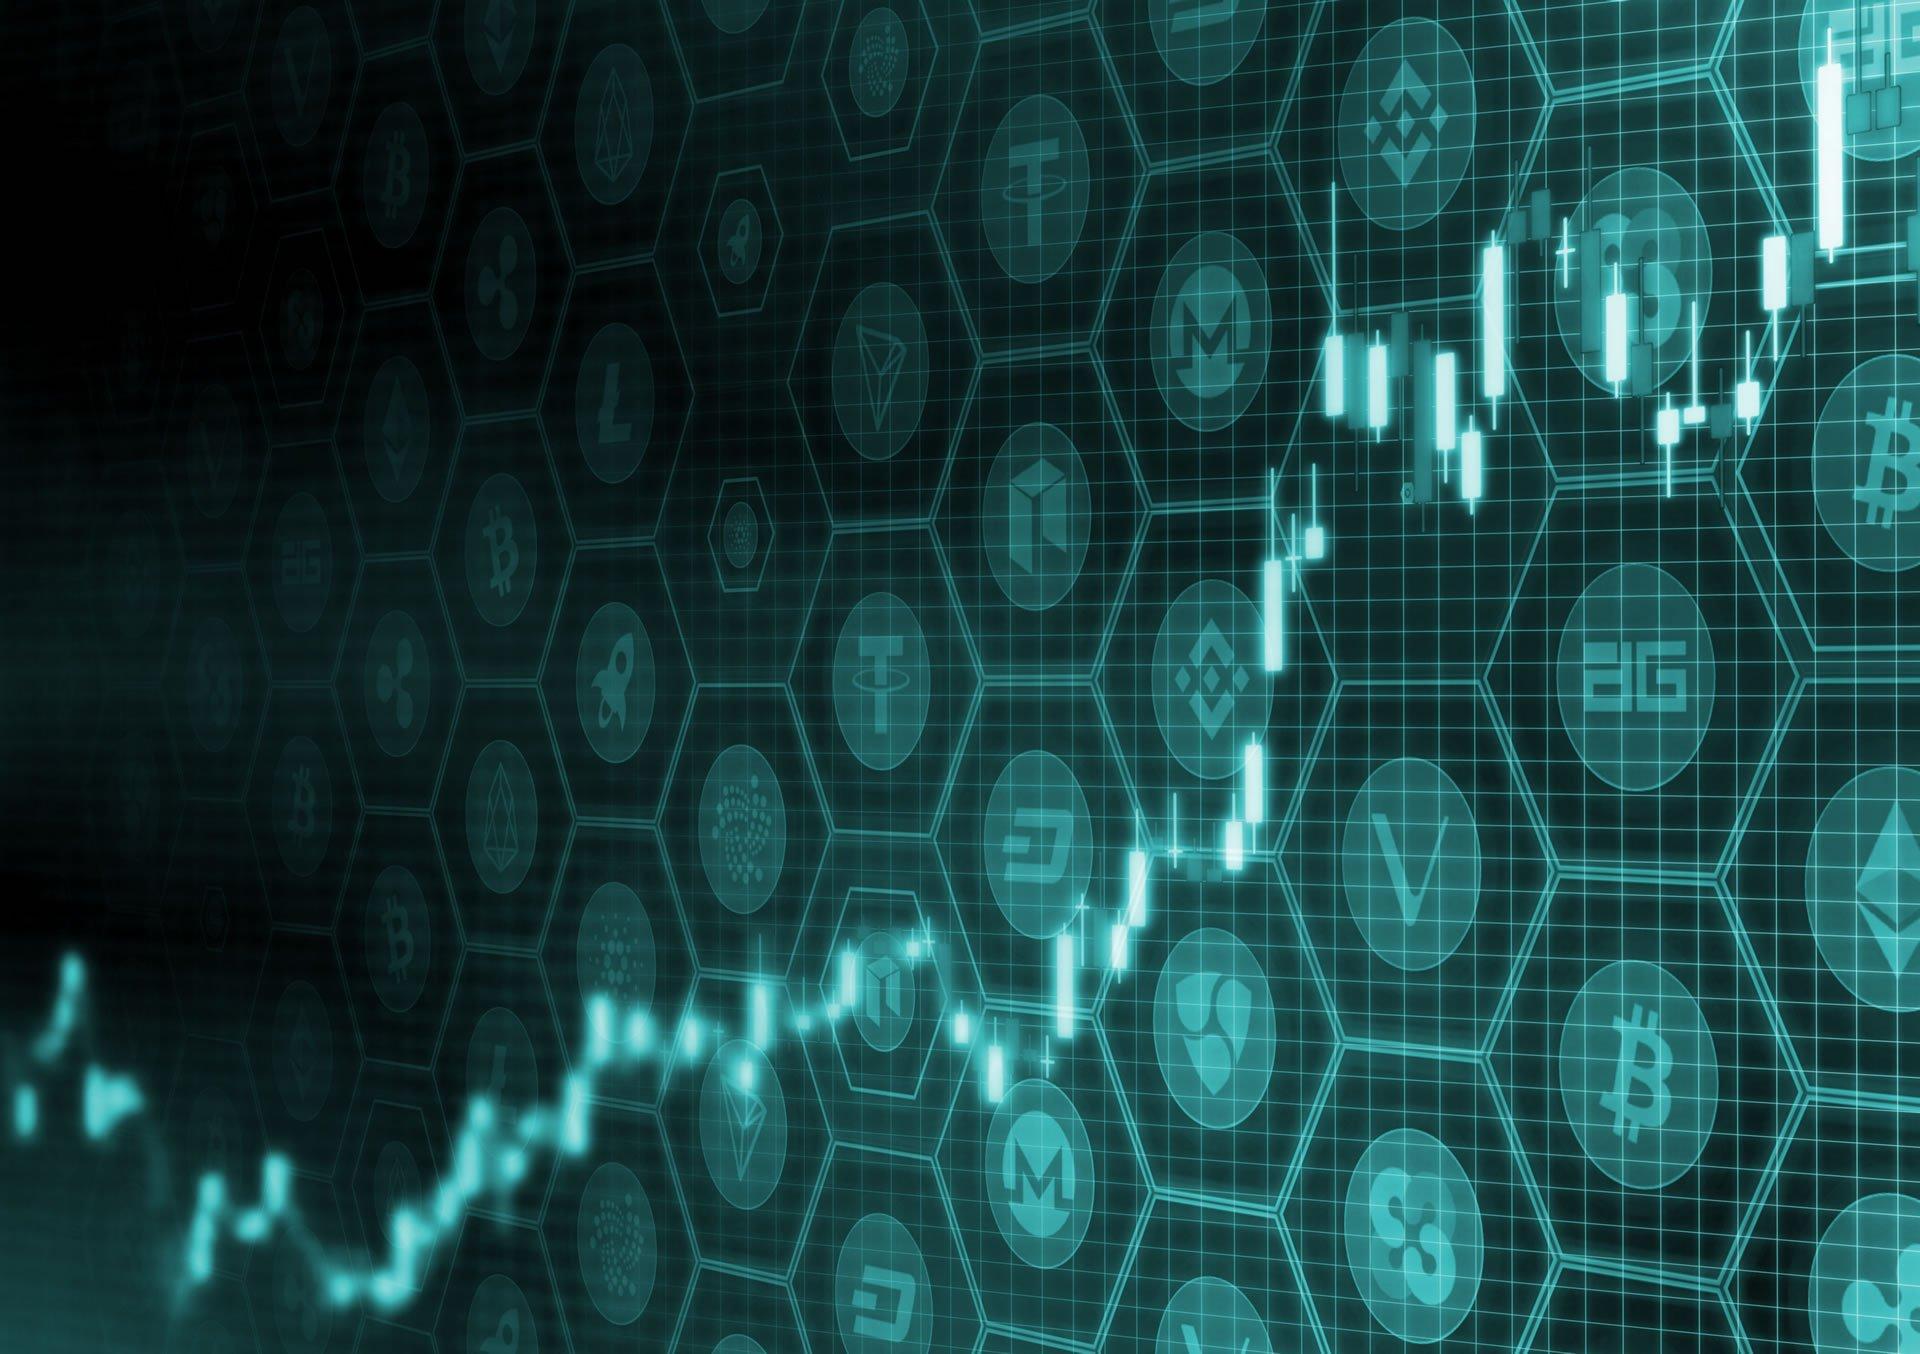 Pour la première fois depuis mai, la capitalisation boursière des crypto-monnaies a dépassé les 2 000 milliards de dollars